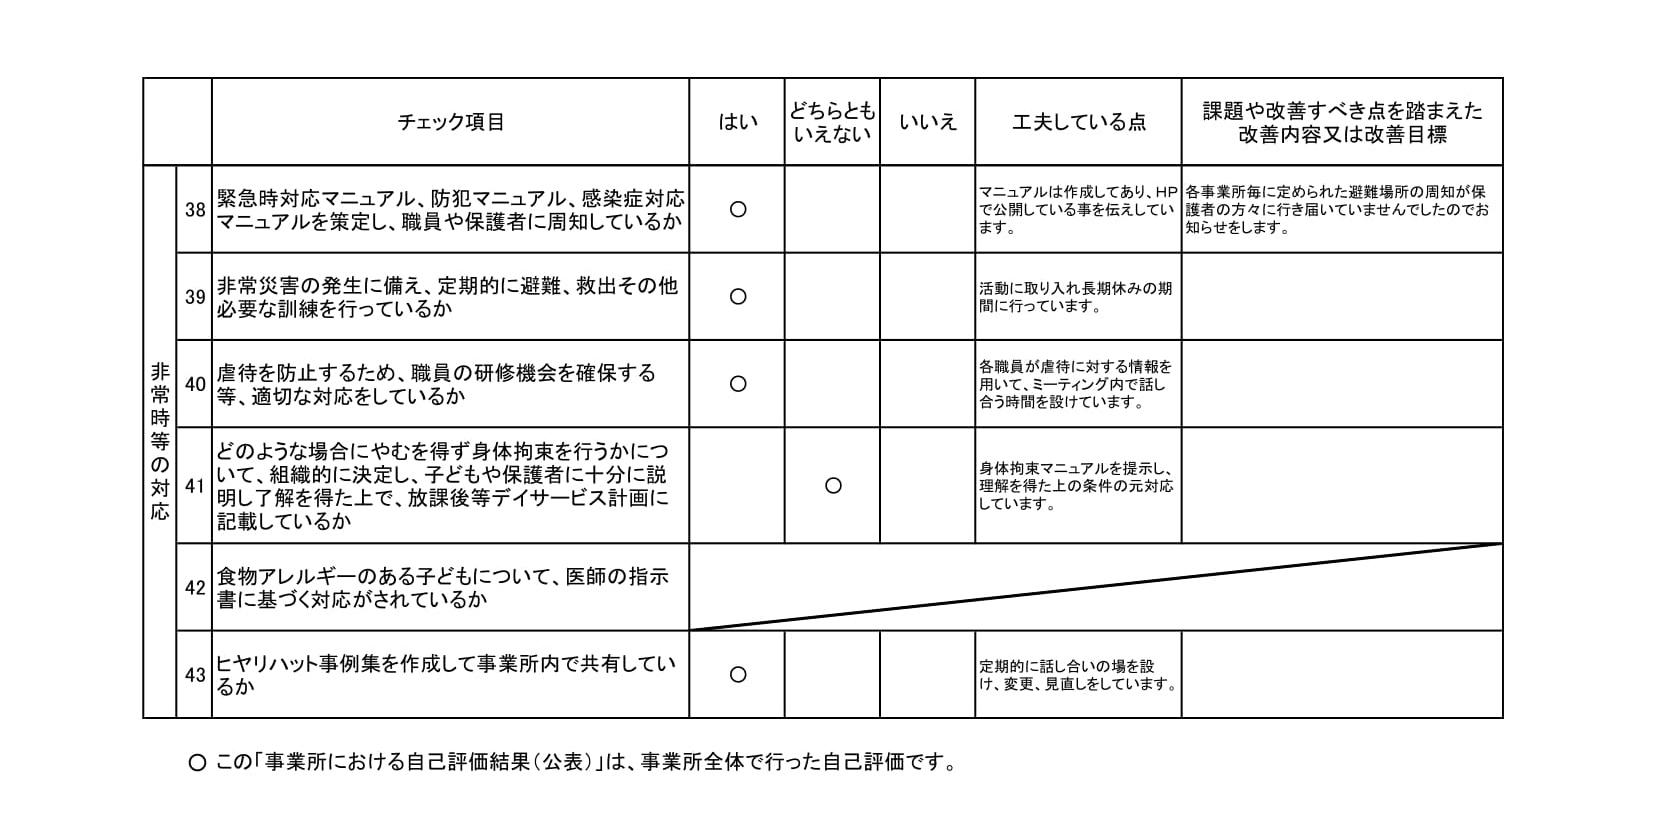 【放課後等デイサービス】事業所における自己評価結果キッズサポートcolorful-3